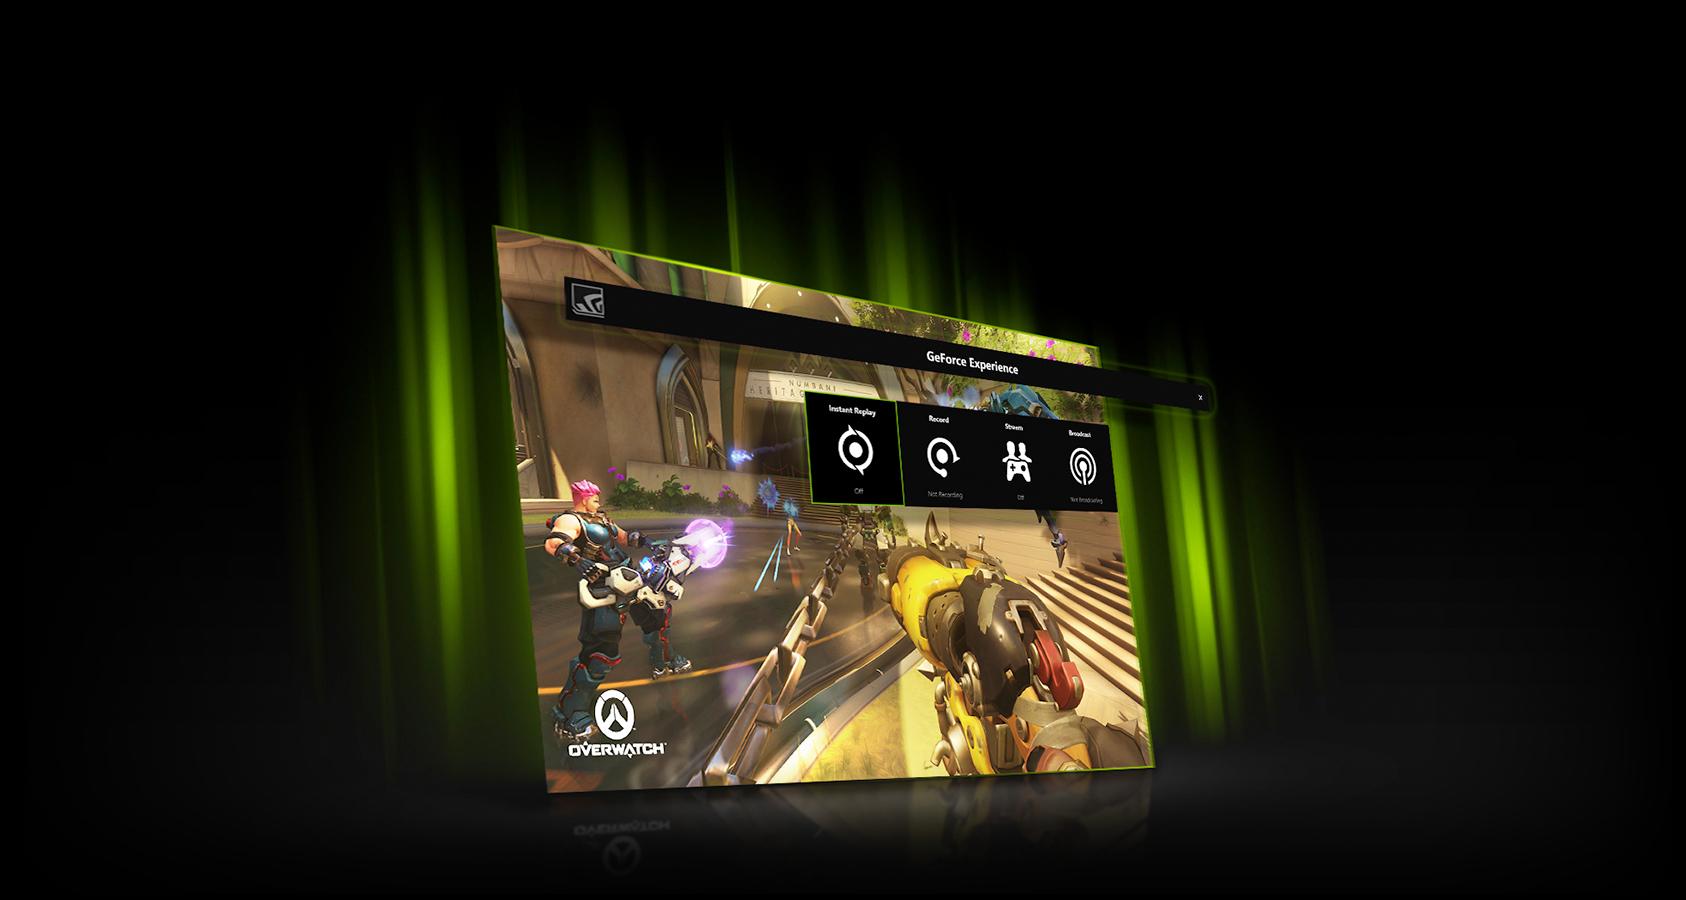 Cánh cổng dẫn tới trải nghiệm game trên PC tuyệt vời của bạn